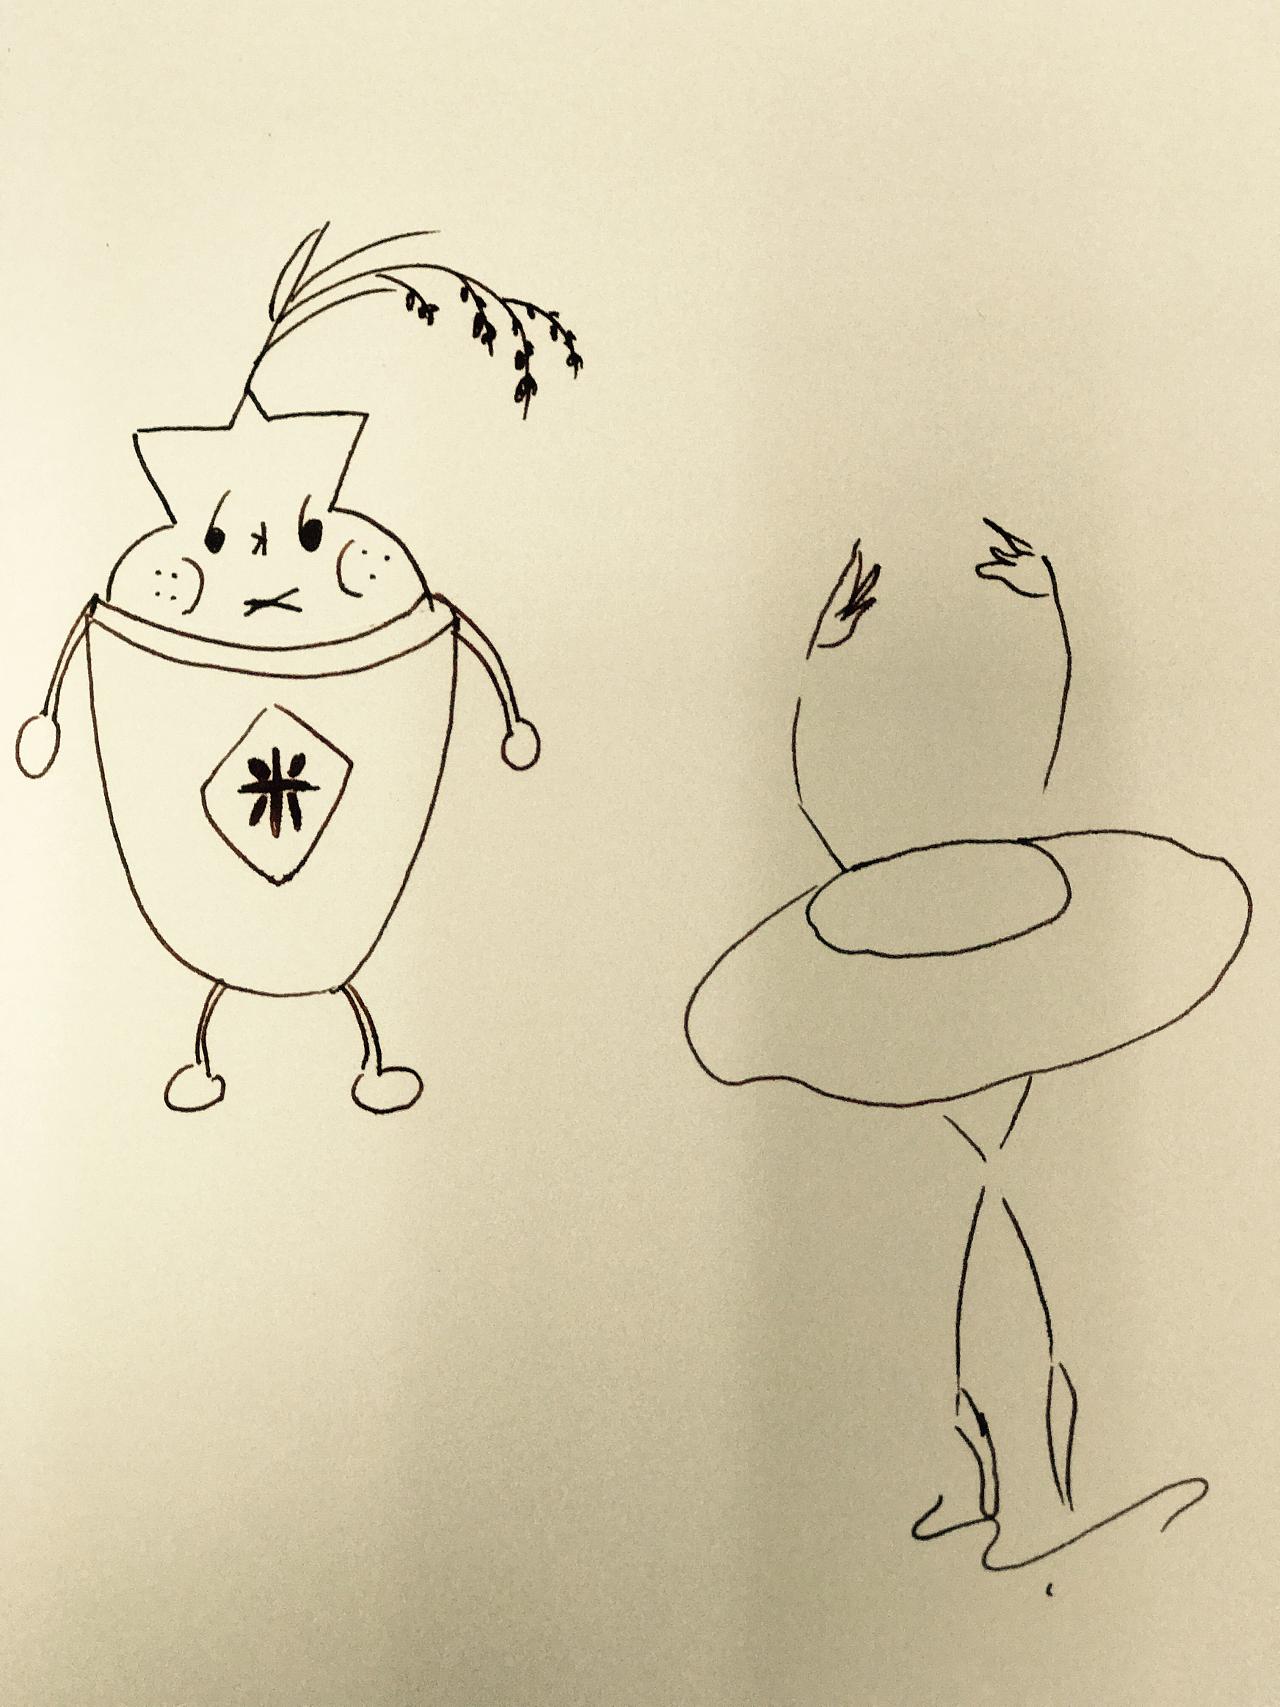 这是一个关于蛋炒饭的爱情故事! 动漫 网络表情 葛布图片